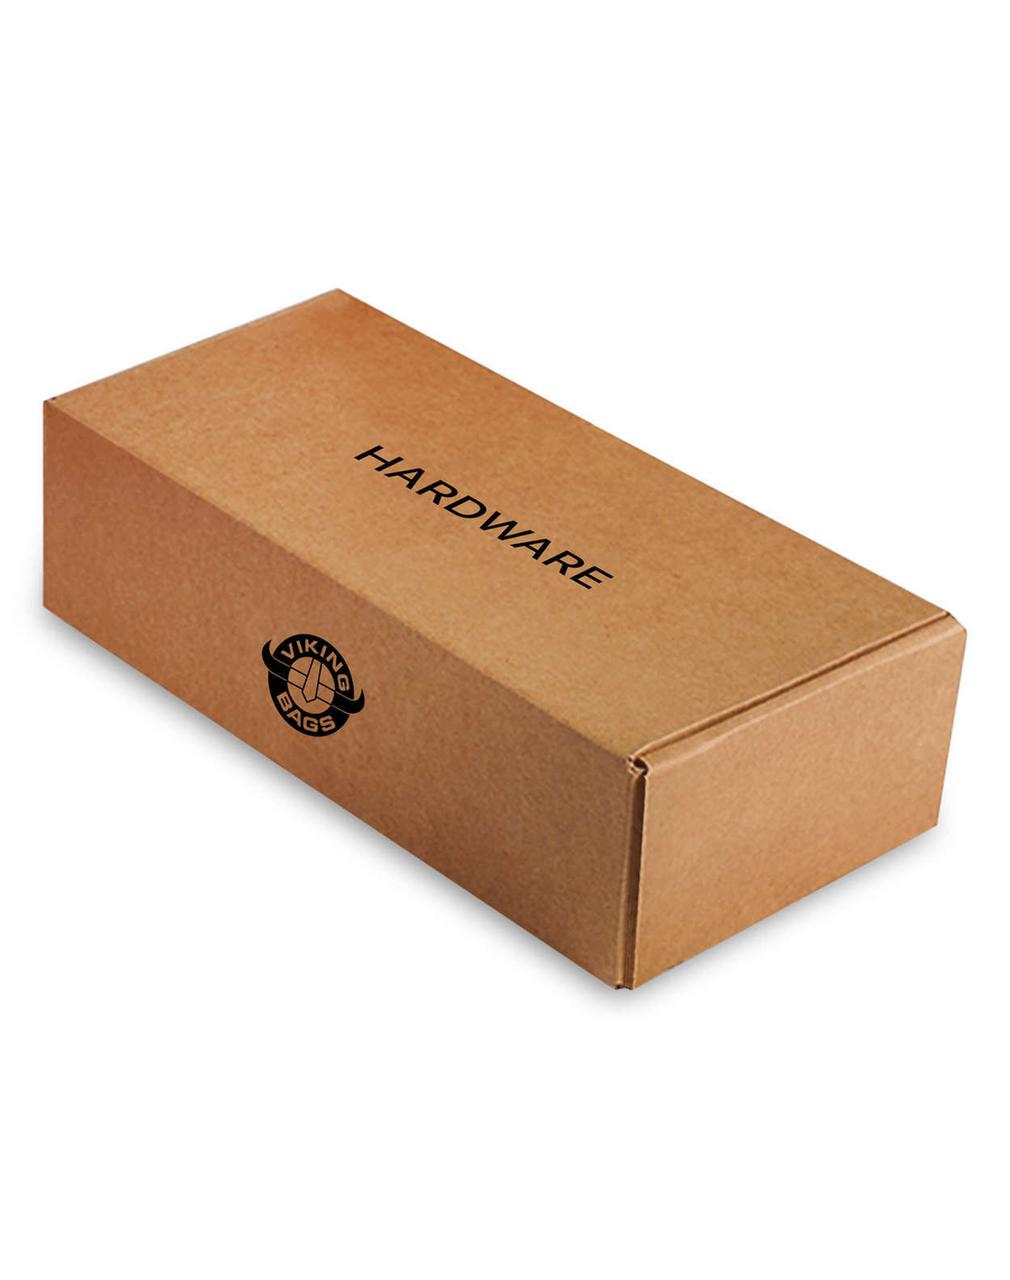 Honda 750 Shadow Aero Uni Warrior Slant Medium Motorcycle Saddlebags Box